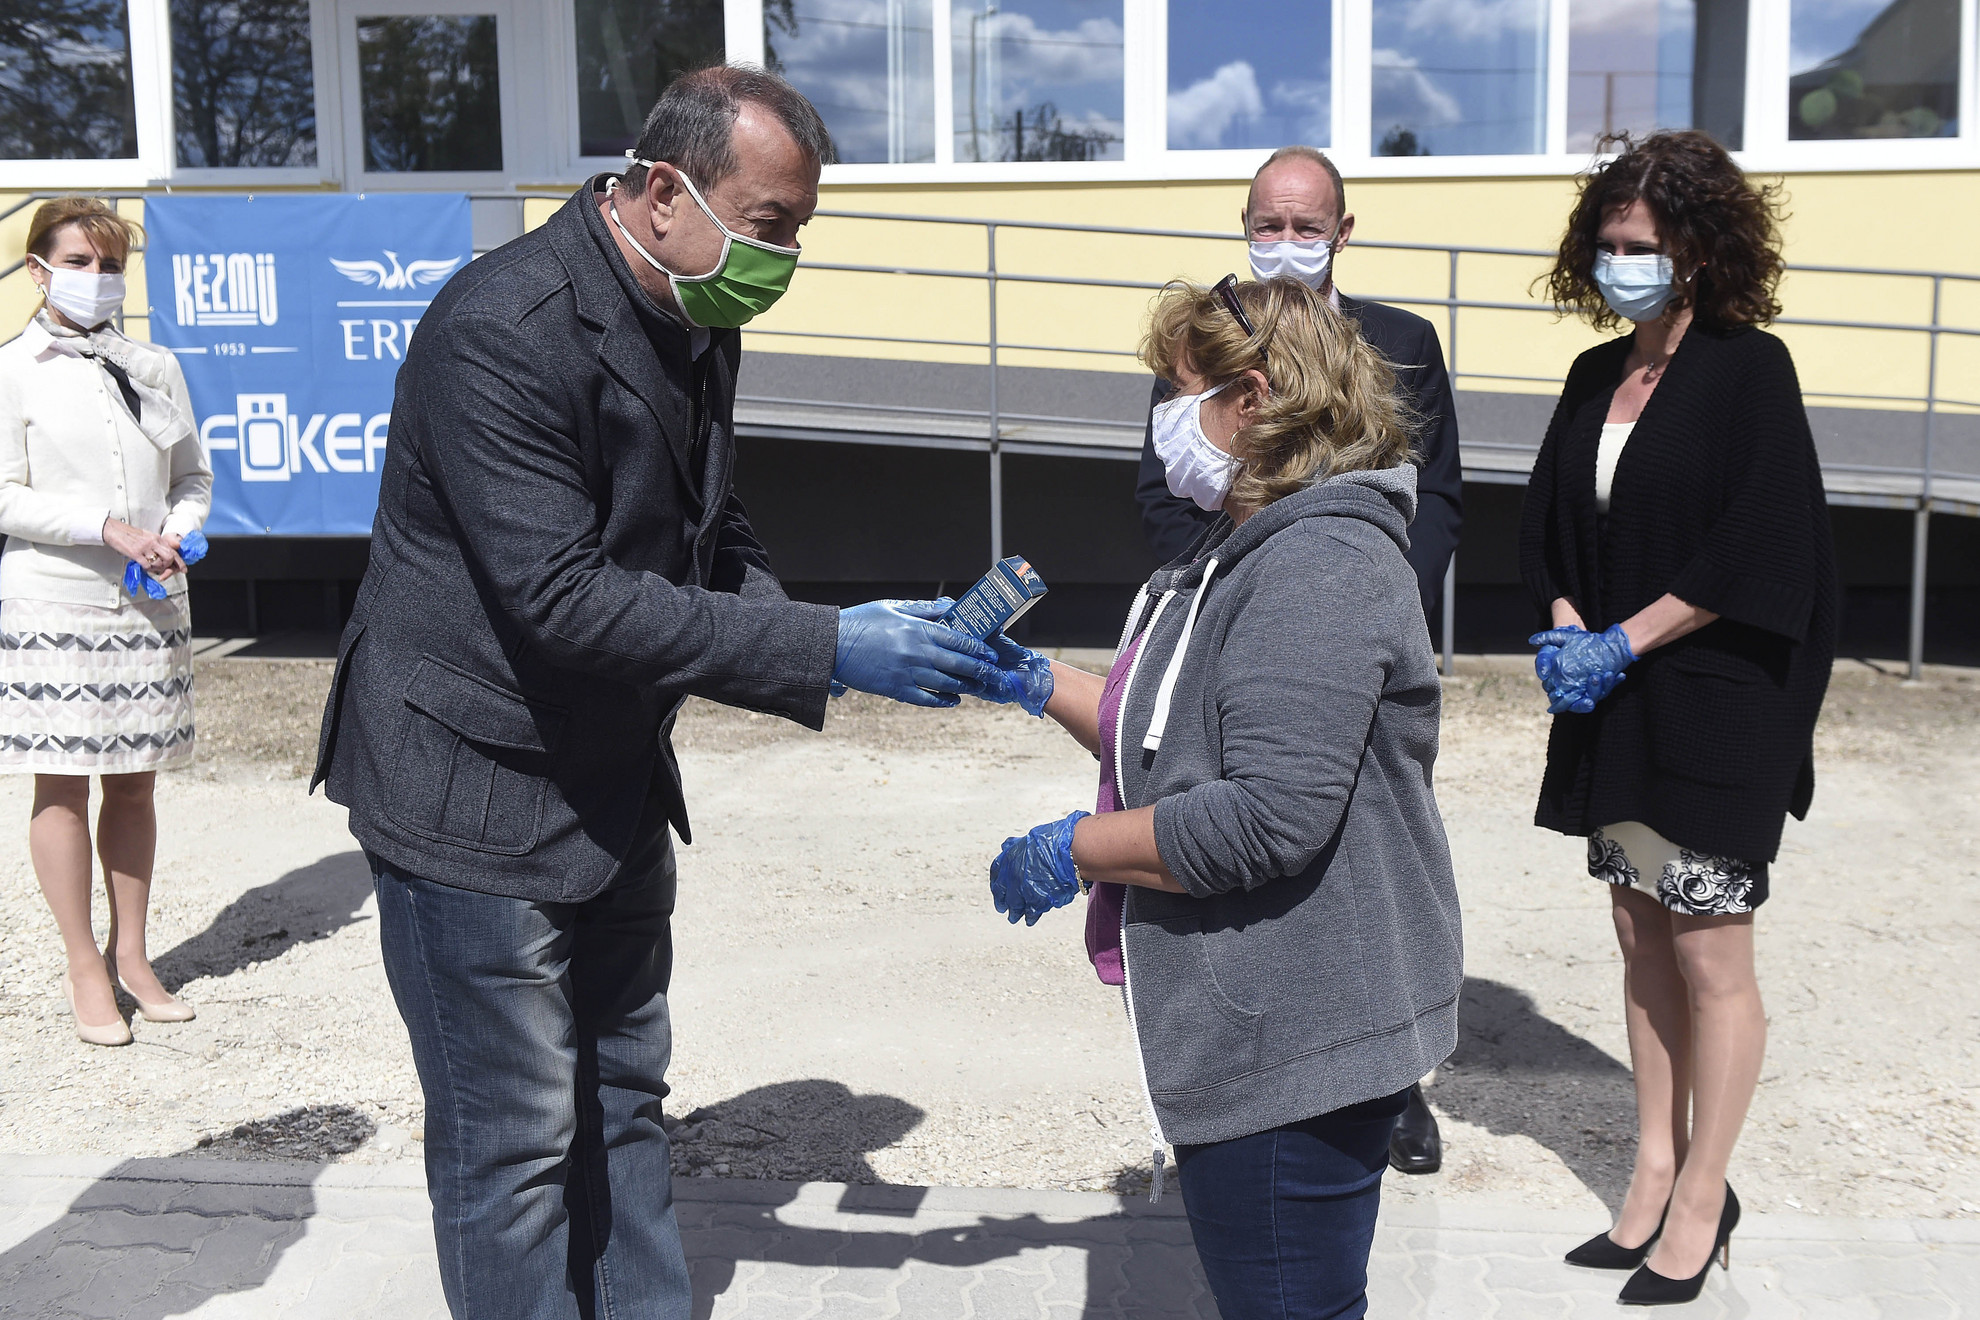 A KÉZMŰ-ERFO-FŐKEFE megváltozott munkaképességű dolgozói 800 sópipát kapnak